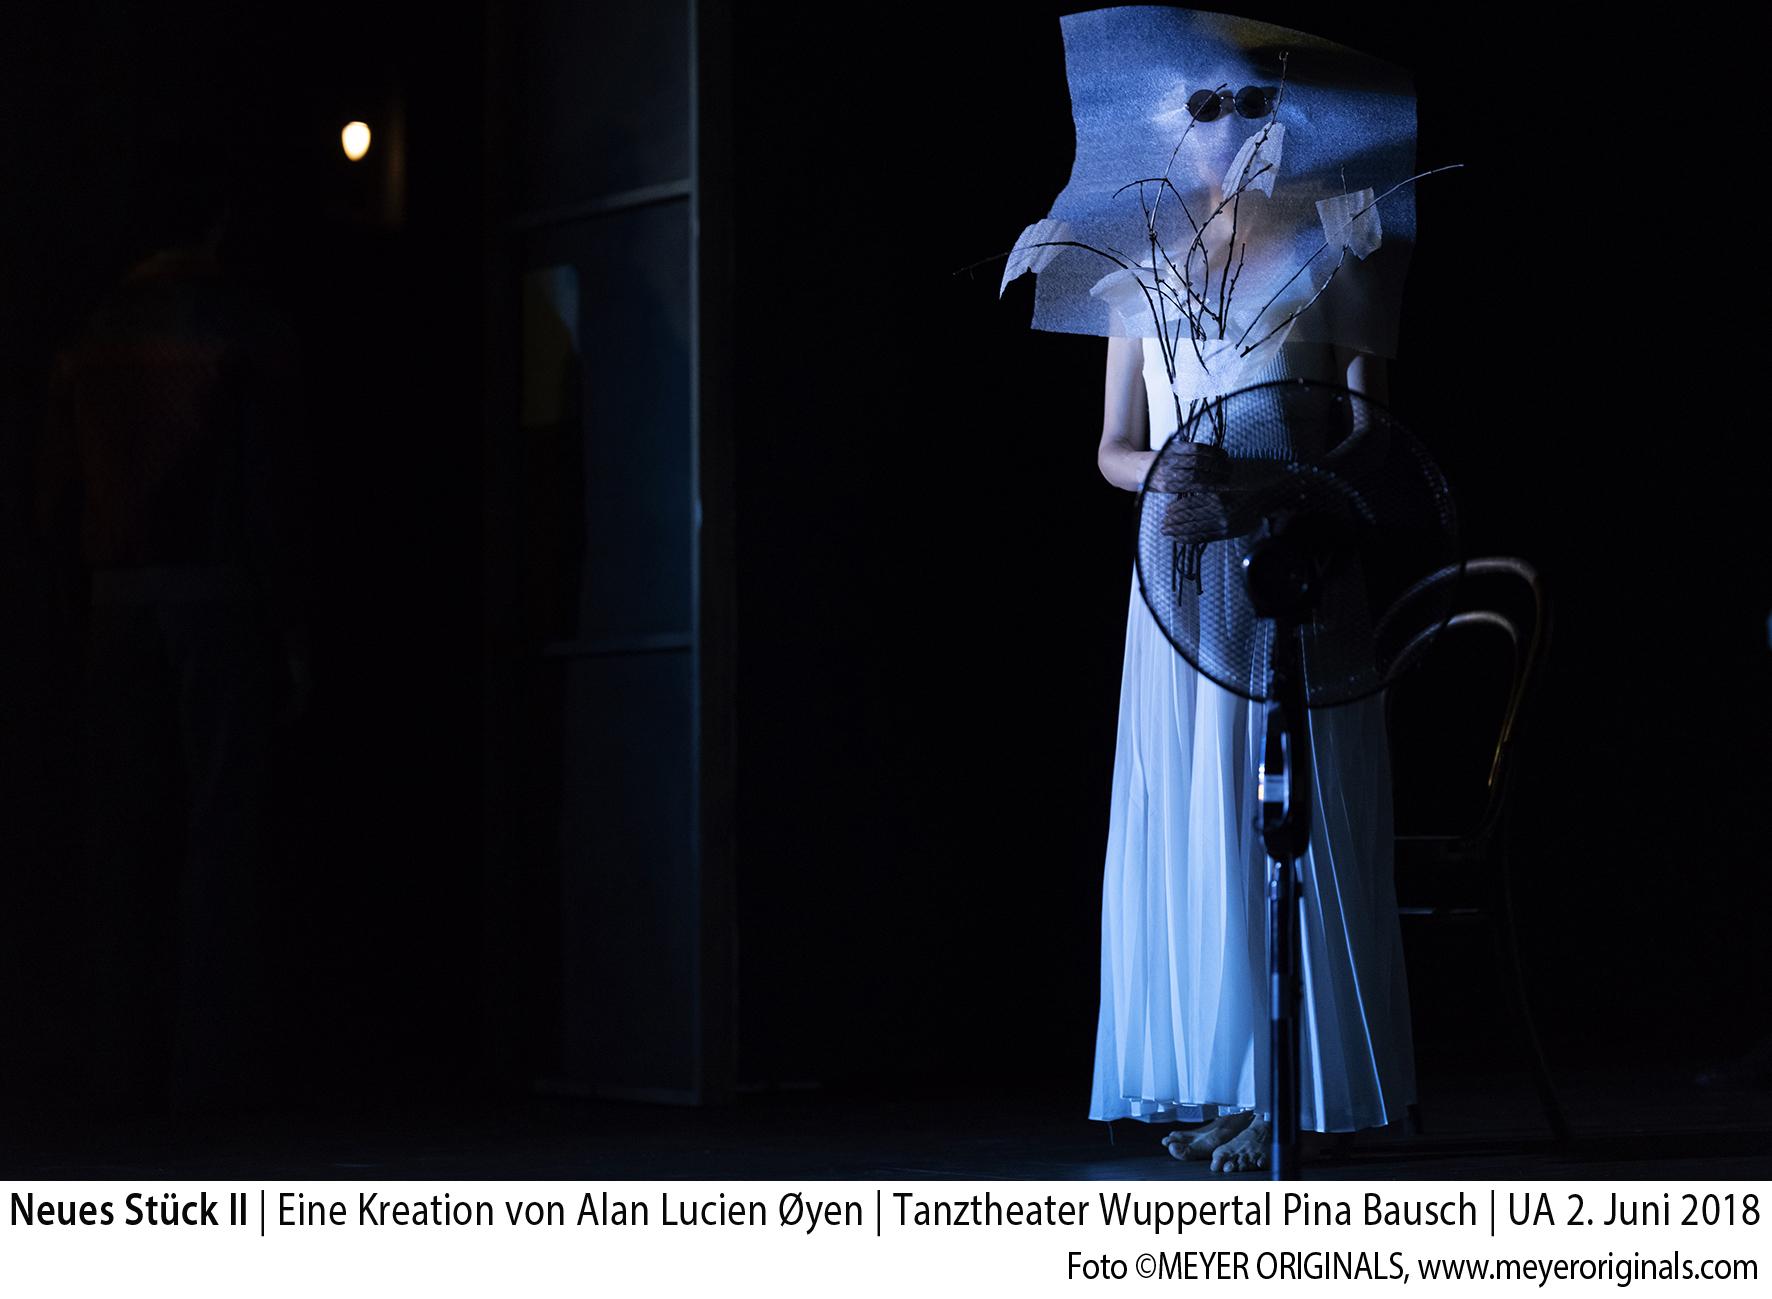 Neues Stück II | Eine Kreation von Alan Lucien Øyen | Tanztheater Wuppertal Pina Bausch | UA 2. Juni 2018